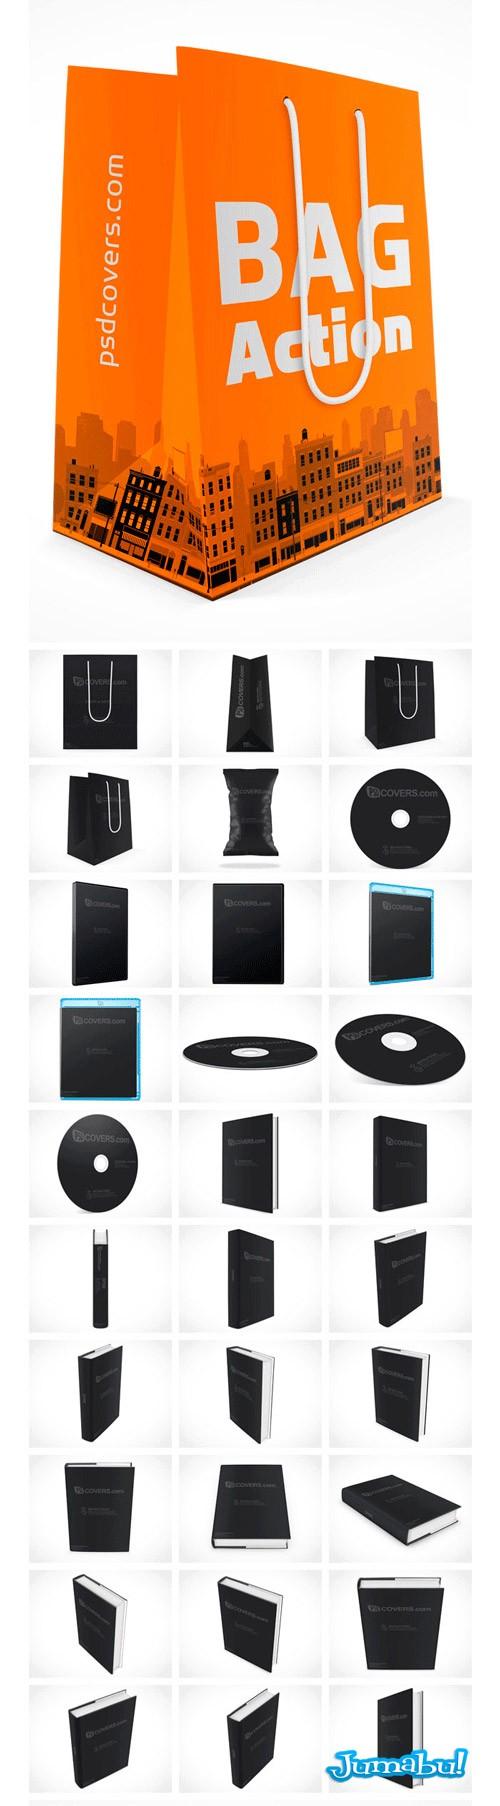 mock up bolsas - Más de 100 Mock Ups de Bolsas, Flyers, Trípticos, Libros, CD